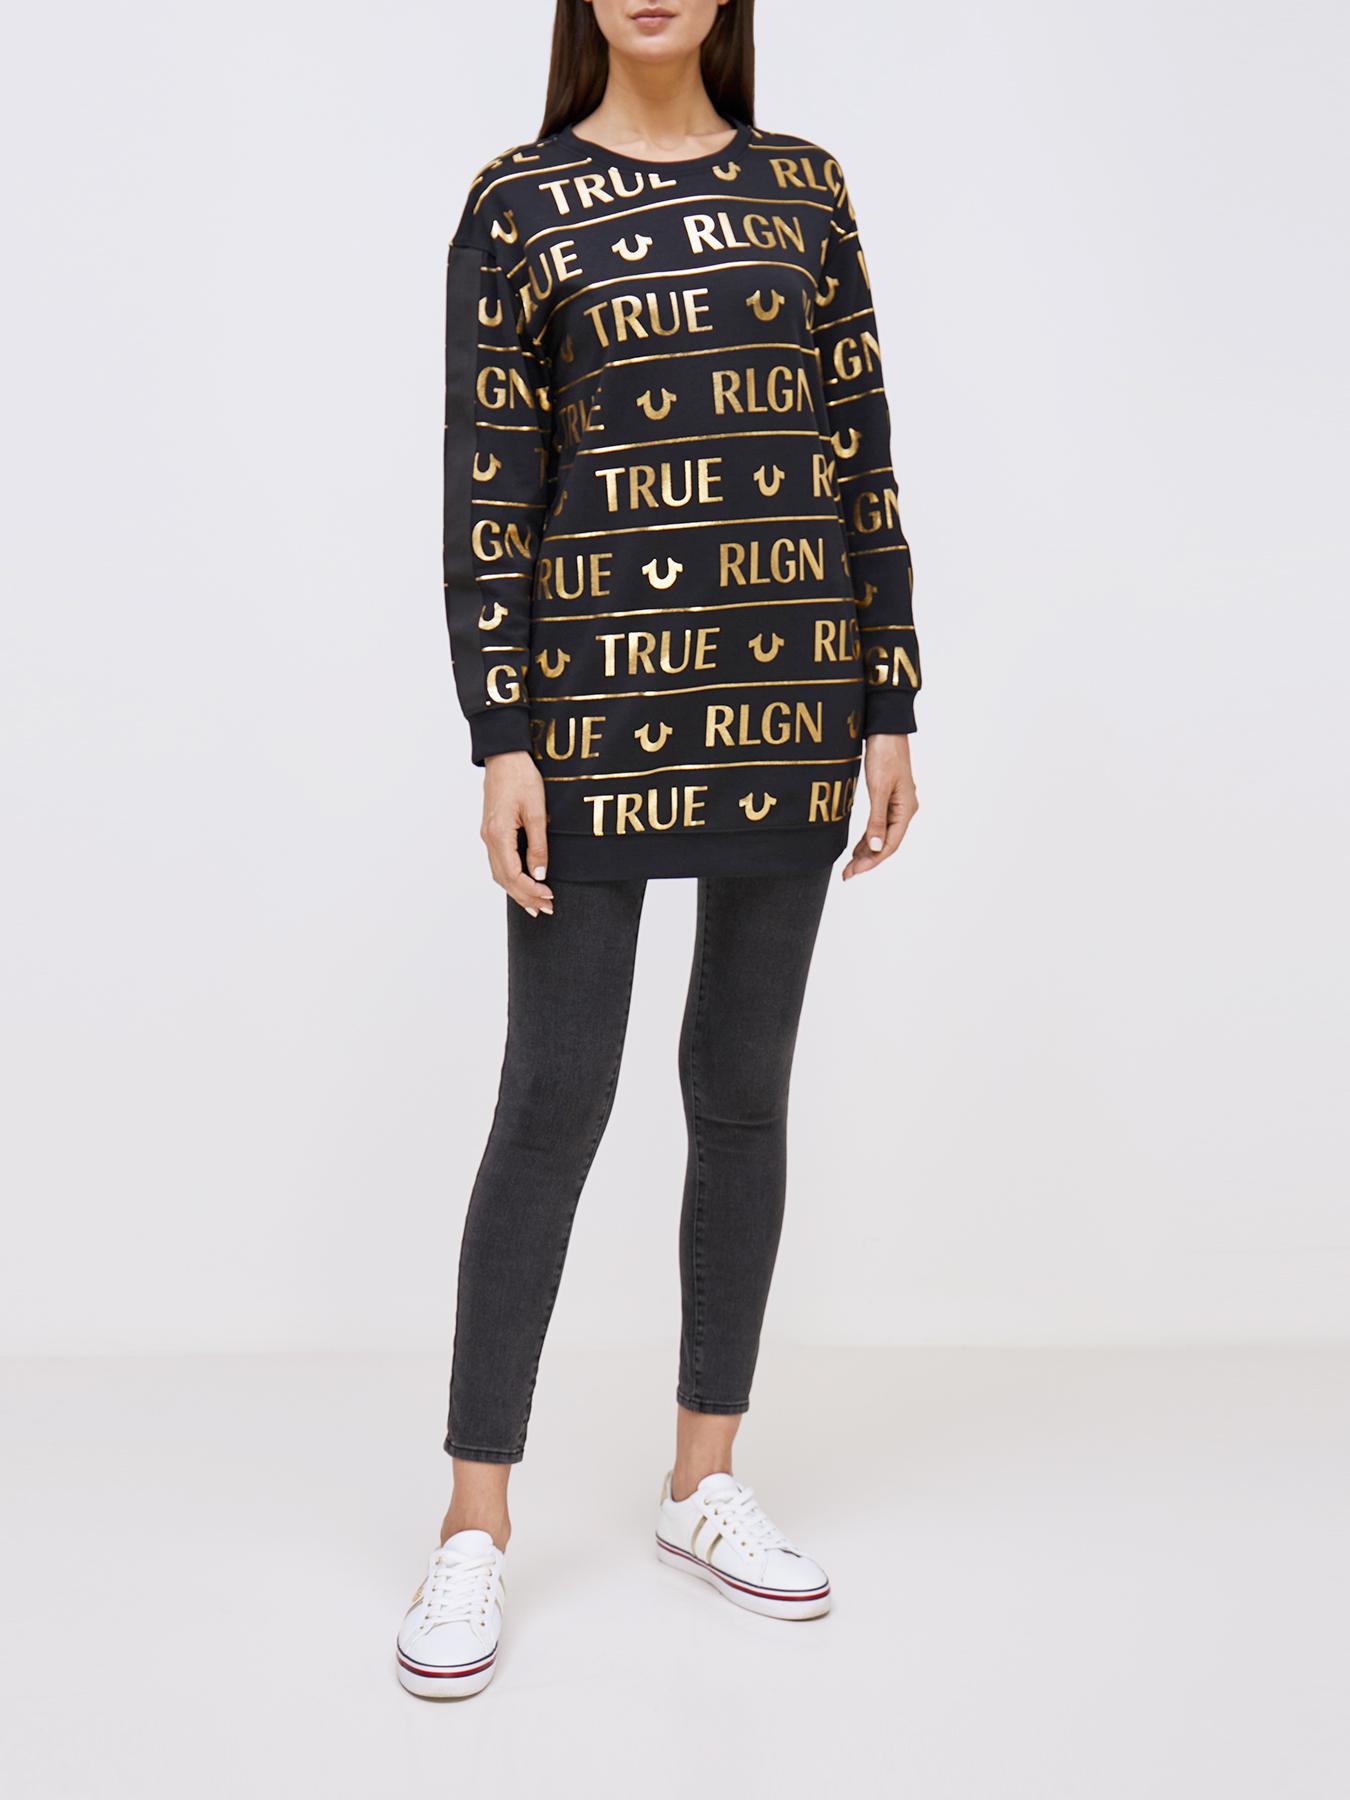 Платье True Religion Туника туника milanika milanika mp002xw0zxmo